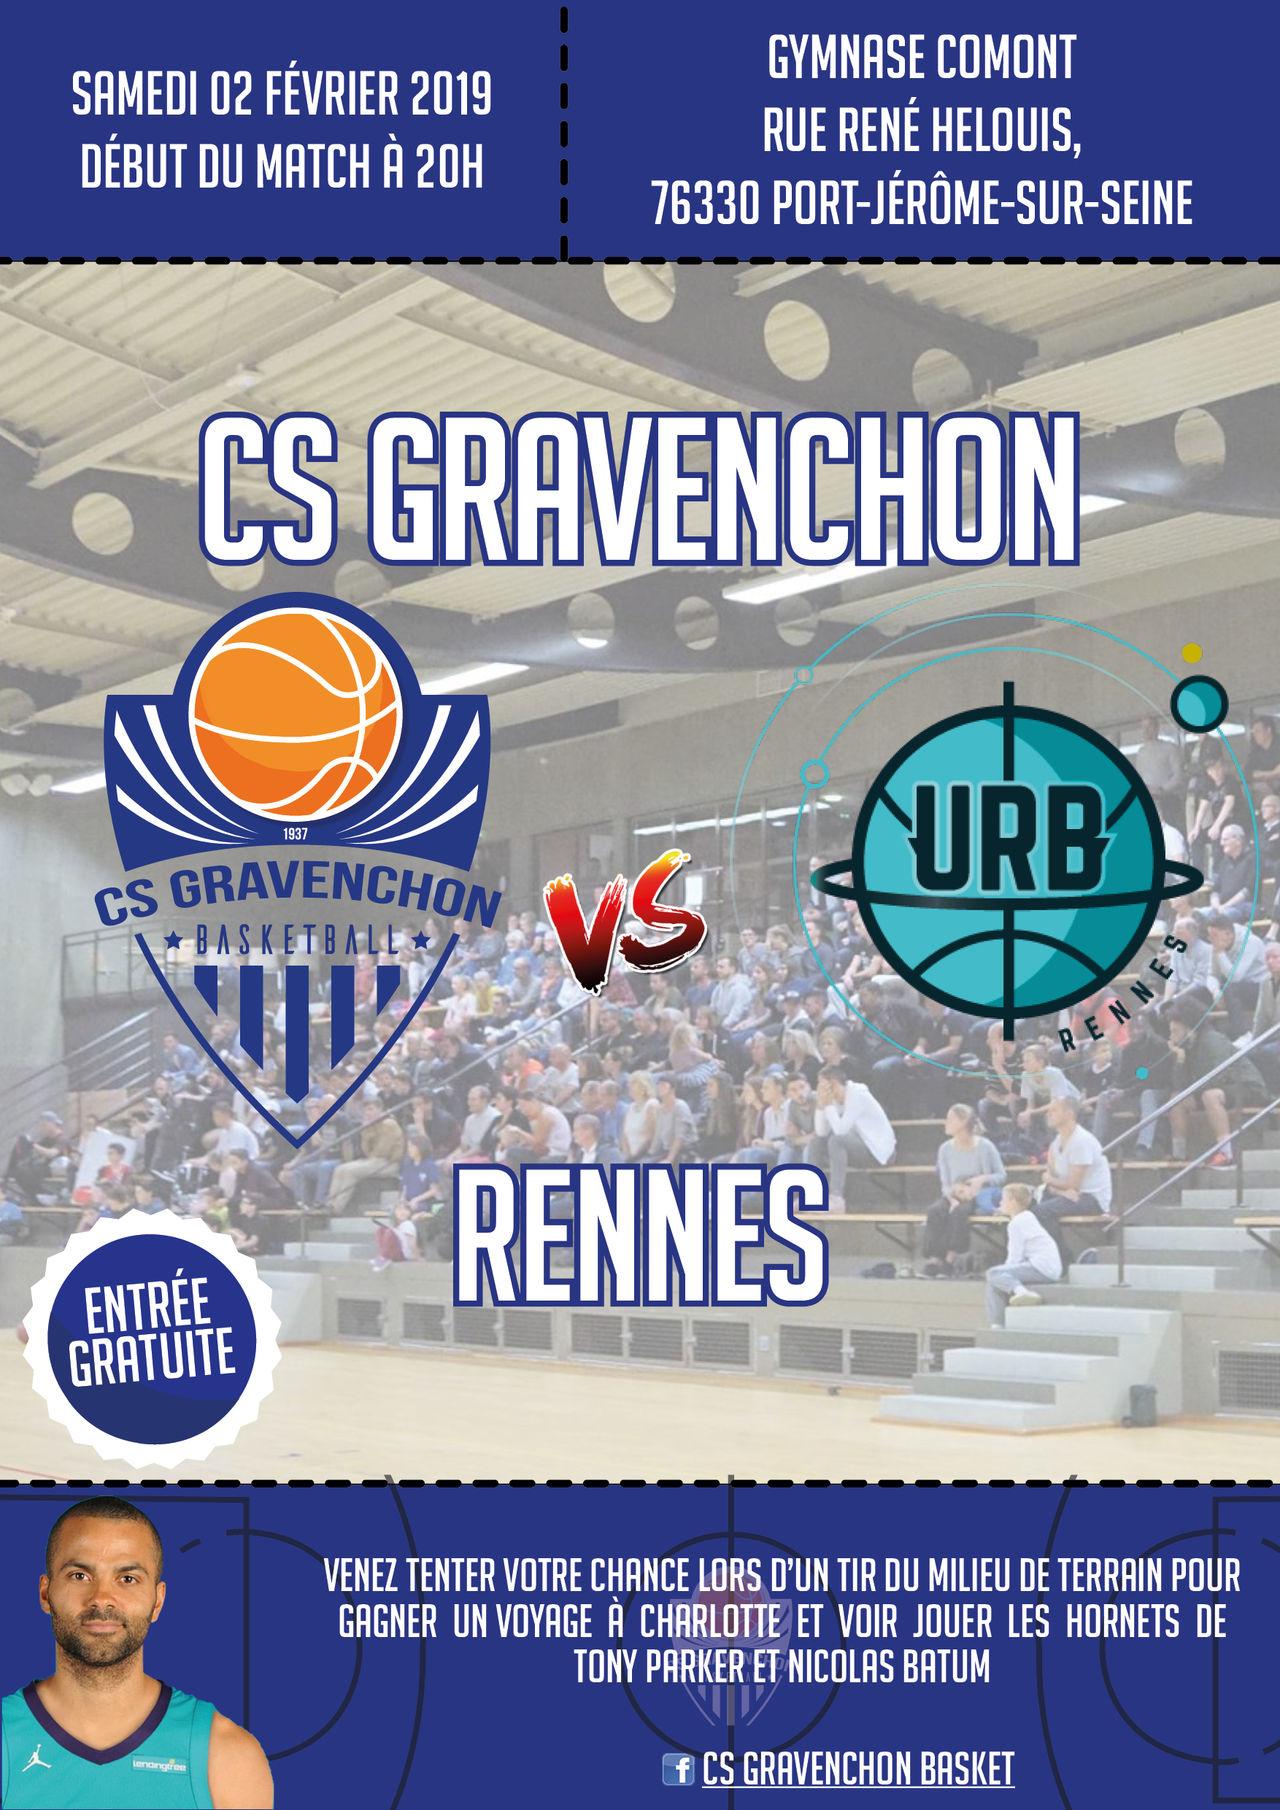 Affiche CS Gravenchon Basket